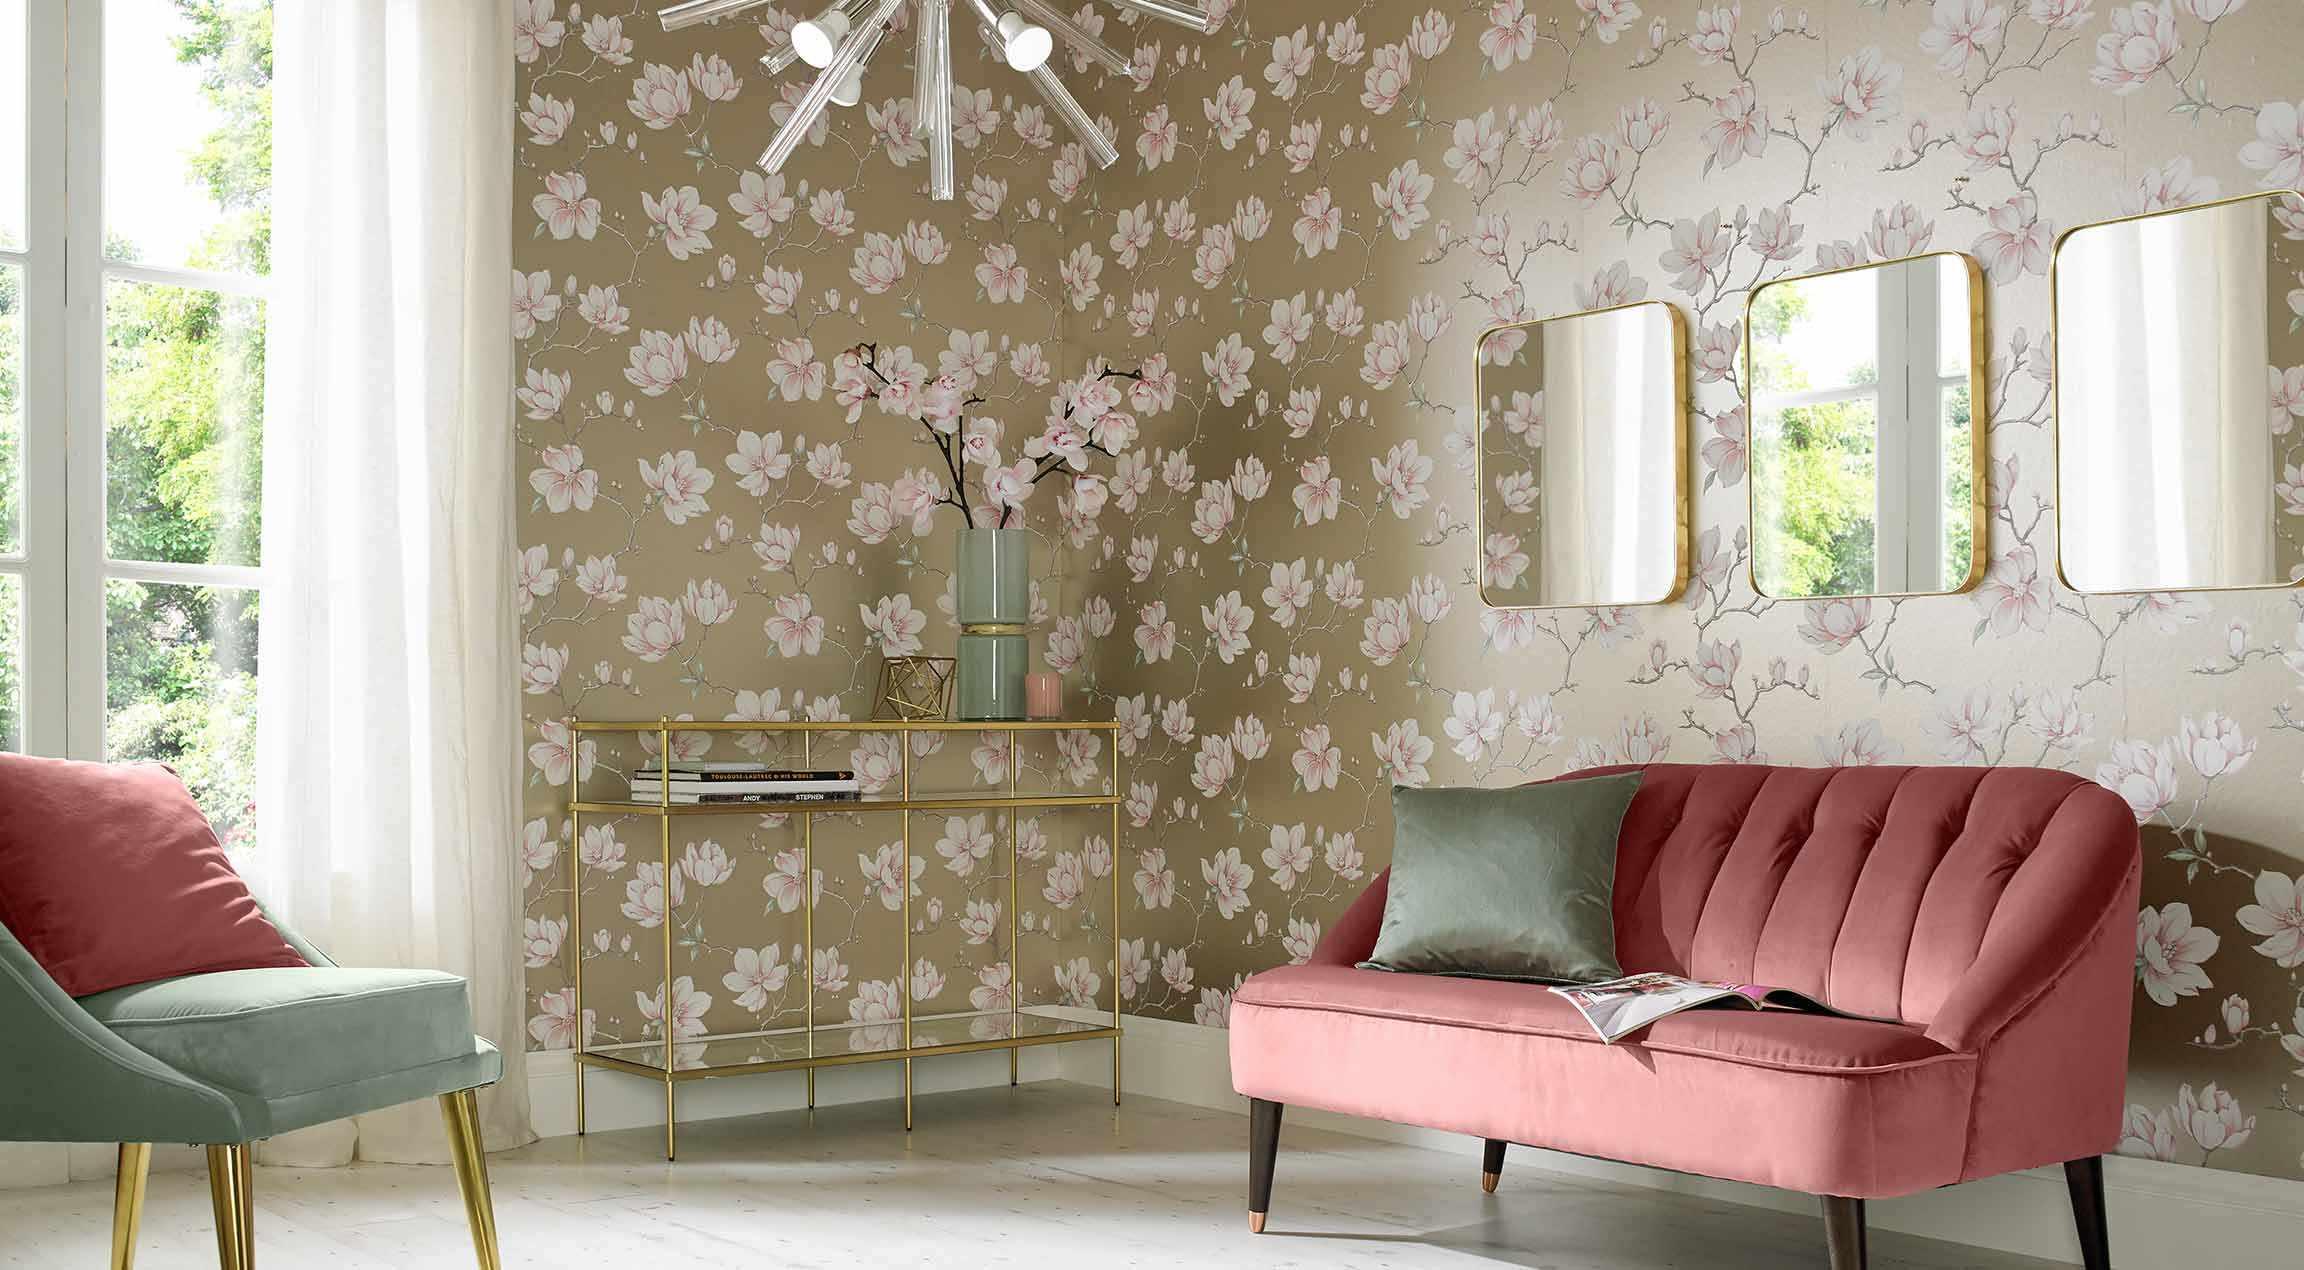 un exemple d'un beau décor de papier peint pour le salon